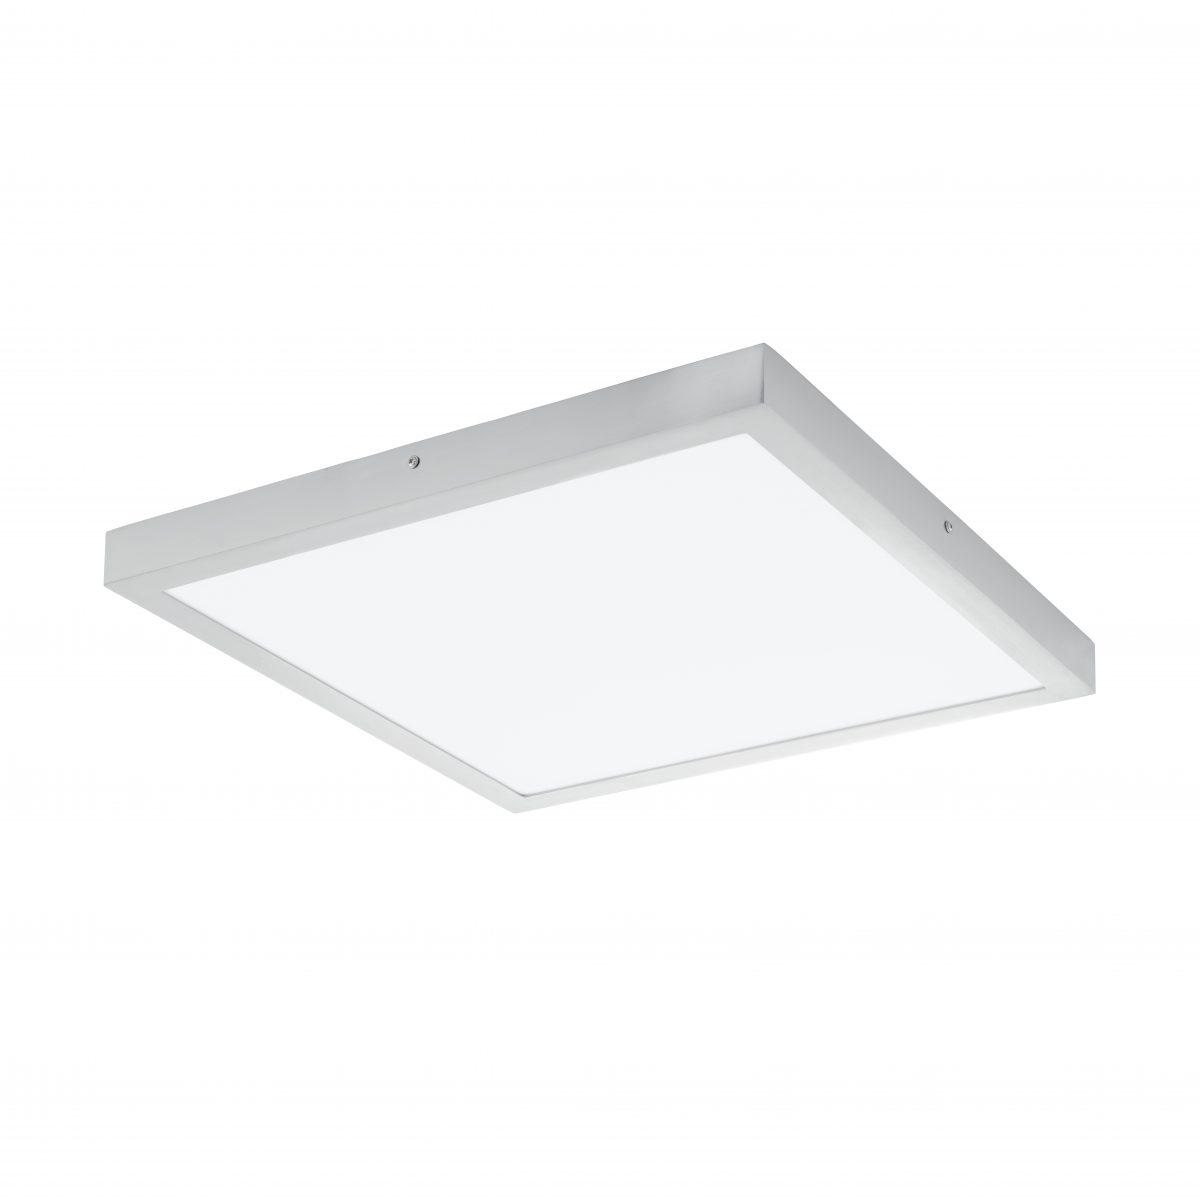 Светильник настенно-потолочный FUEVA 1 EGLO 97274 - Фото №28